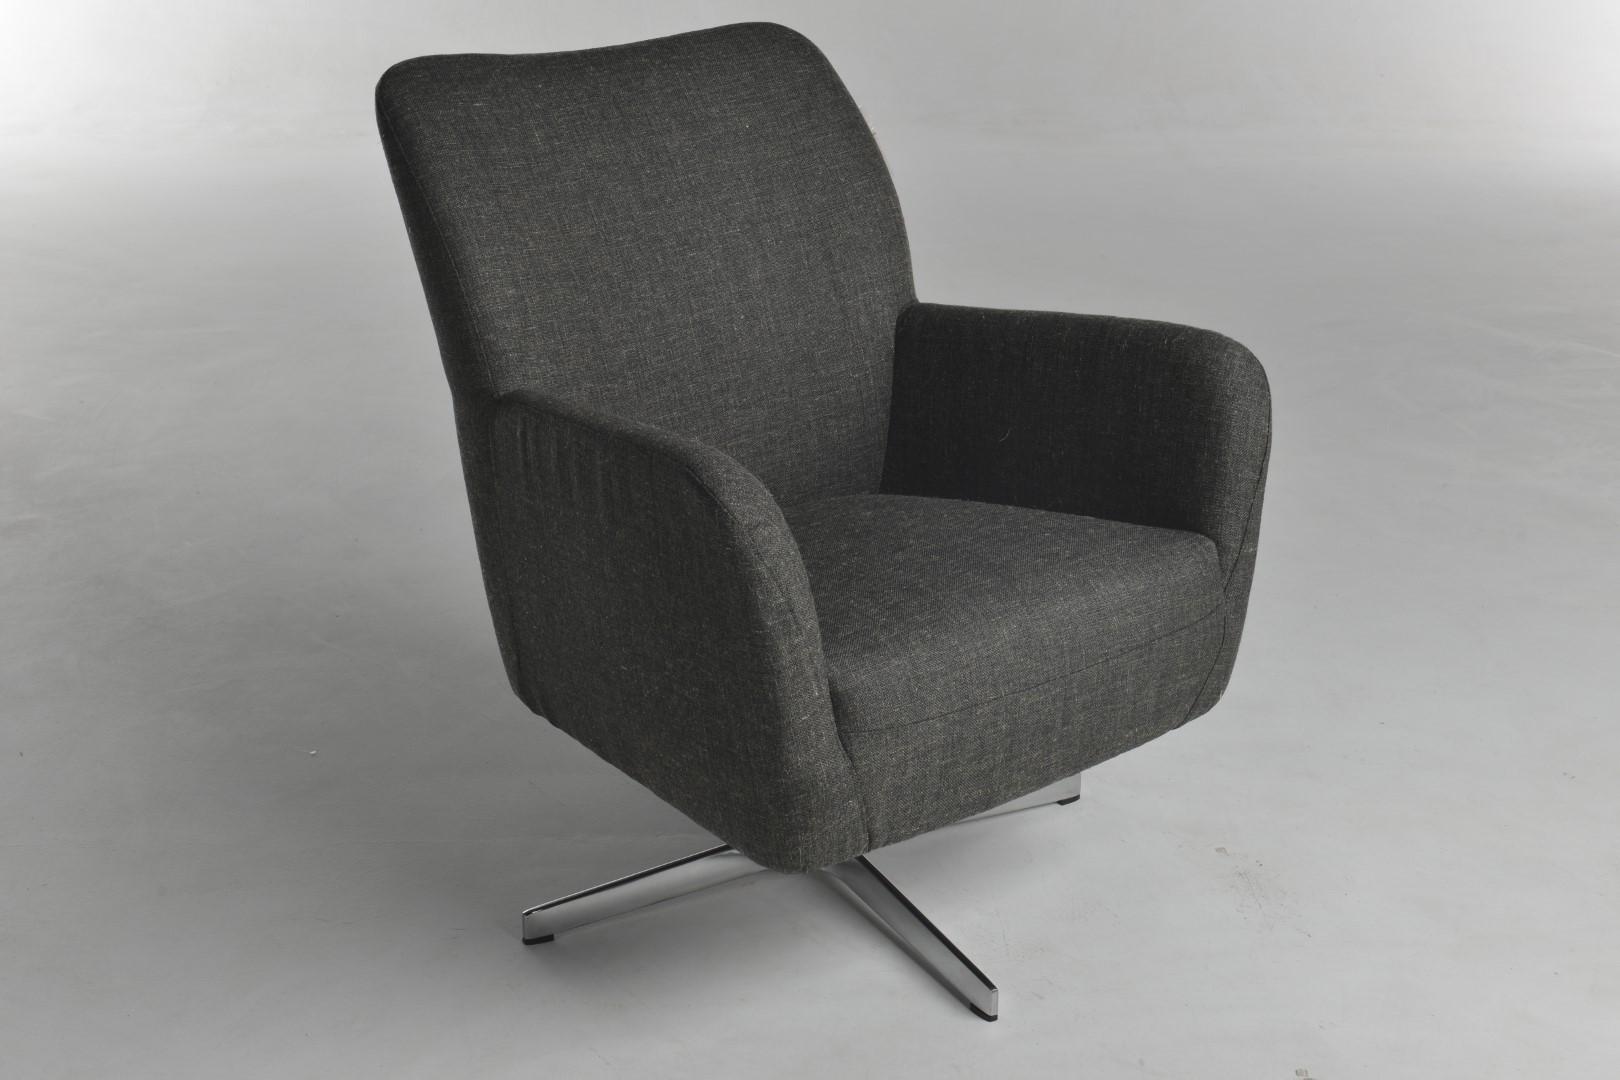 Design Fauteuil Chroom.Bolero Fauteuil Reststof Donkergrijs Draaipoot Glans